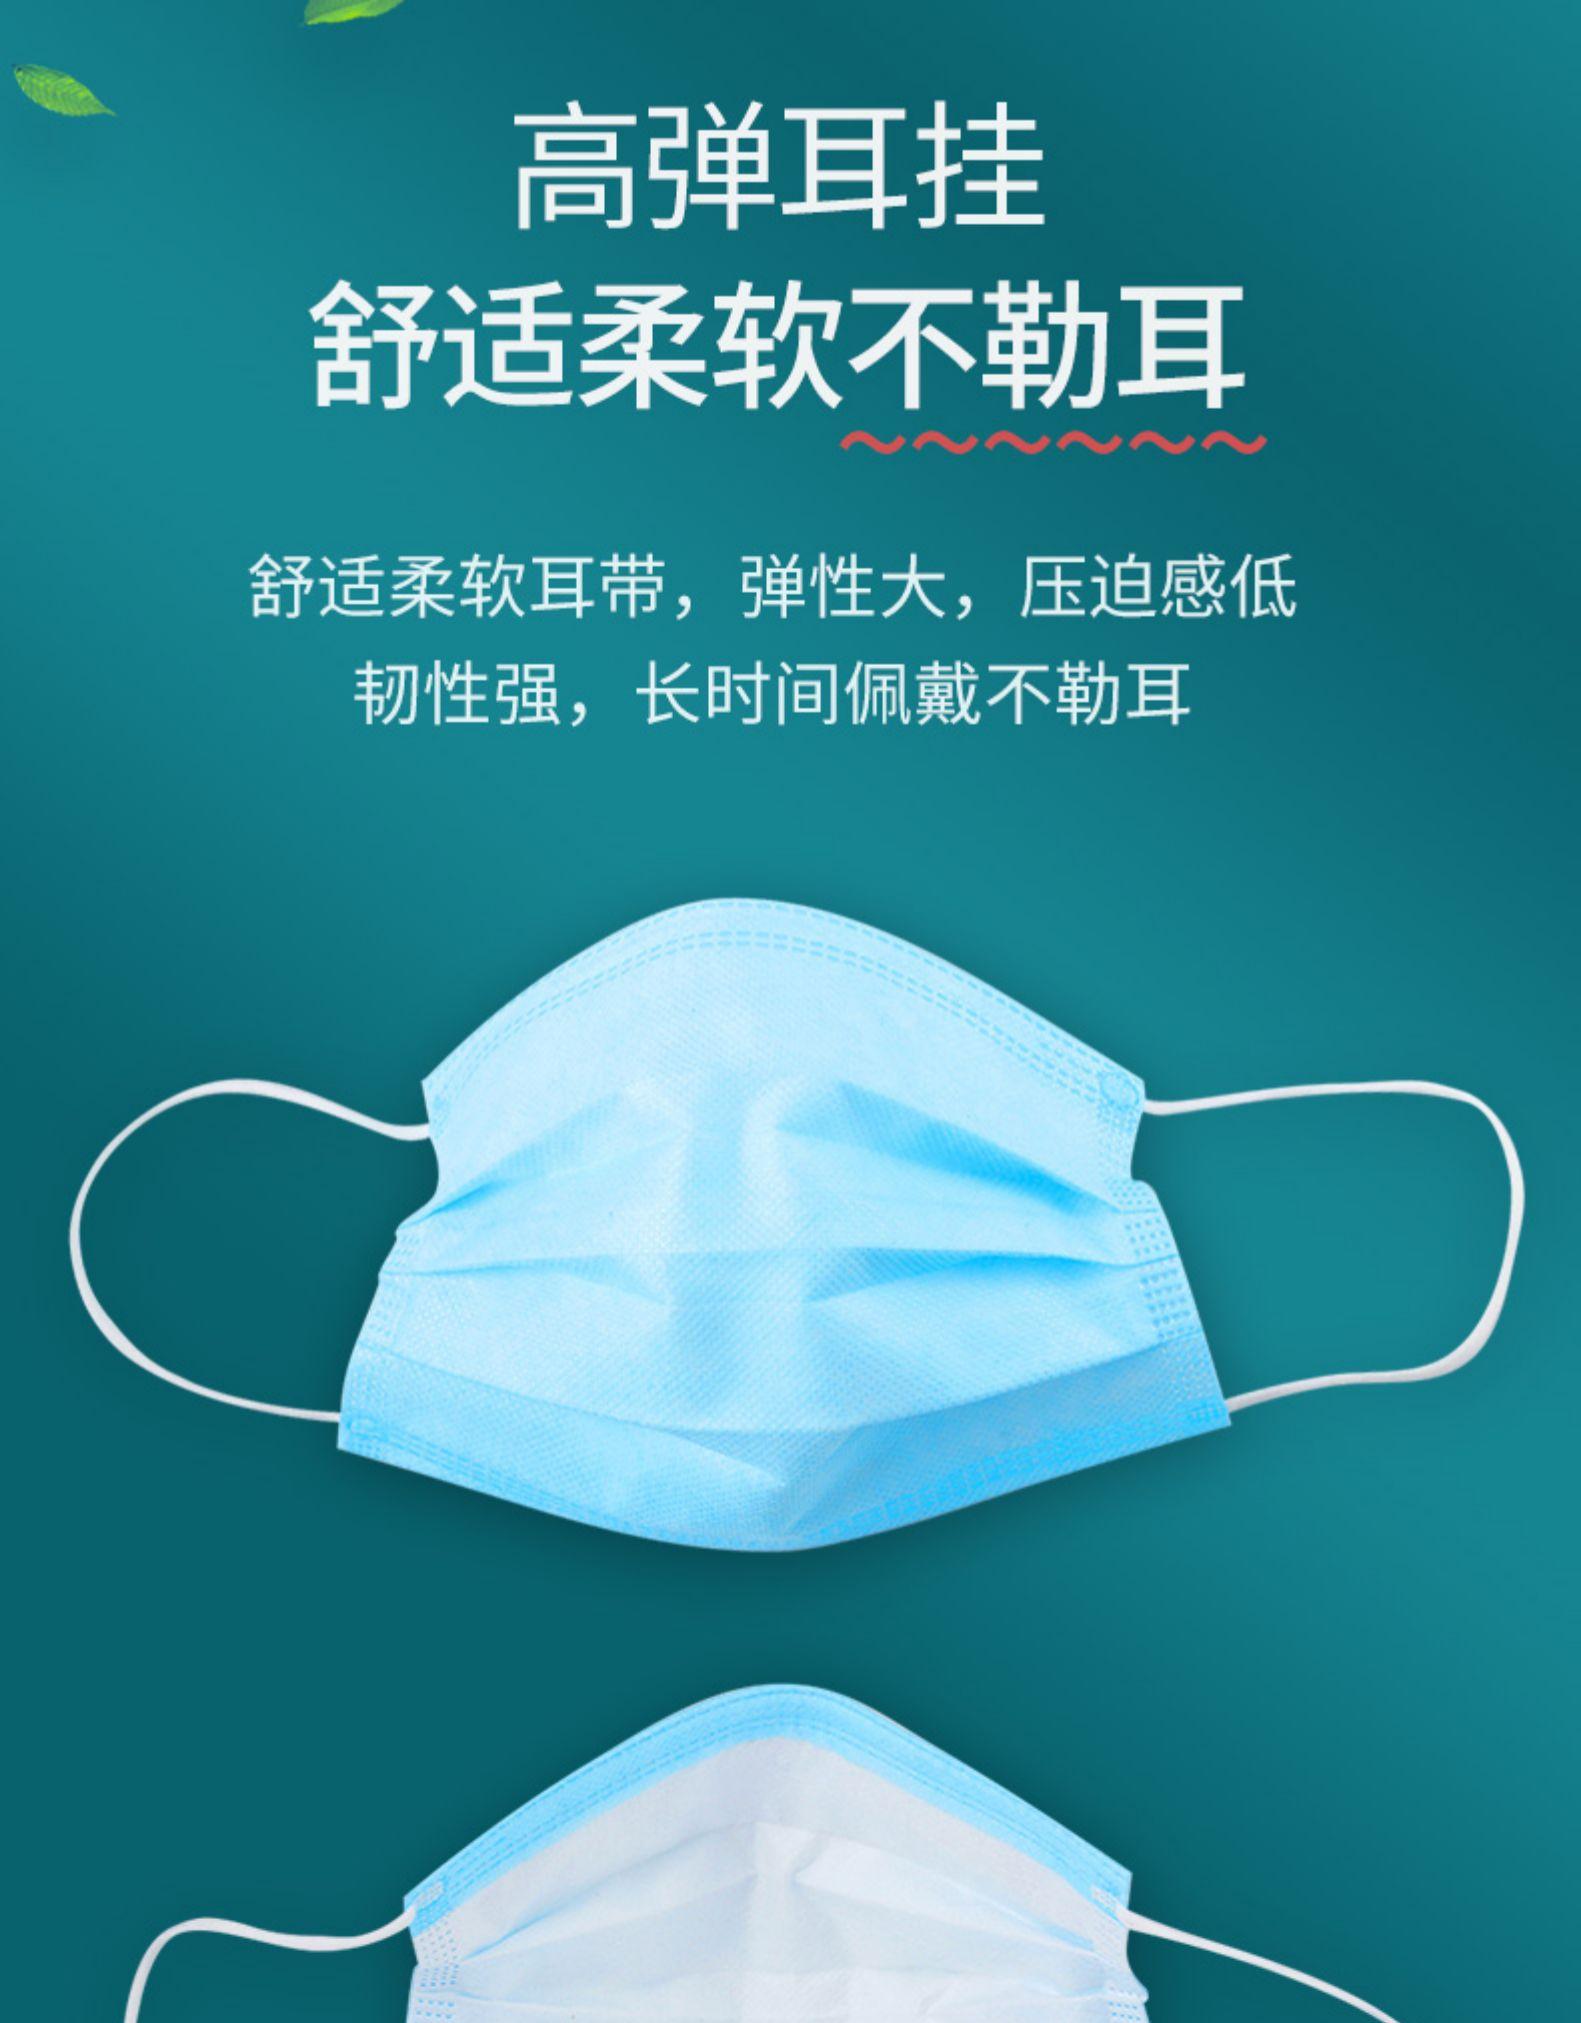 200只 云舒屋 医用外科口罩 一次性医护防护口罩 券后29.9元包邮 买手党-买手聚集的地方